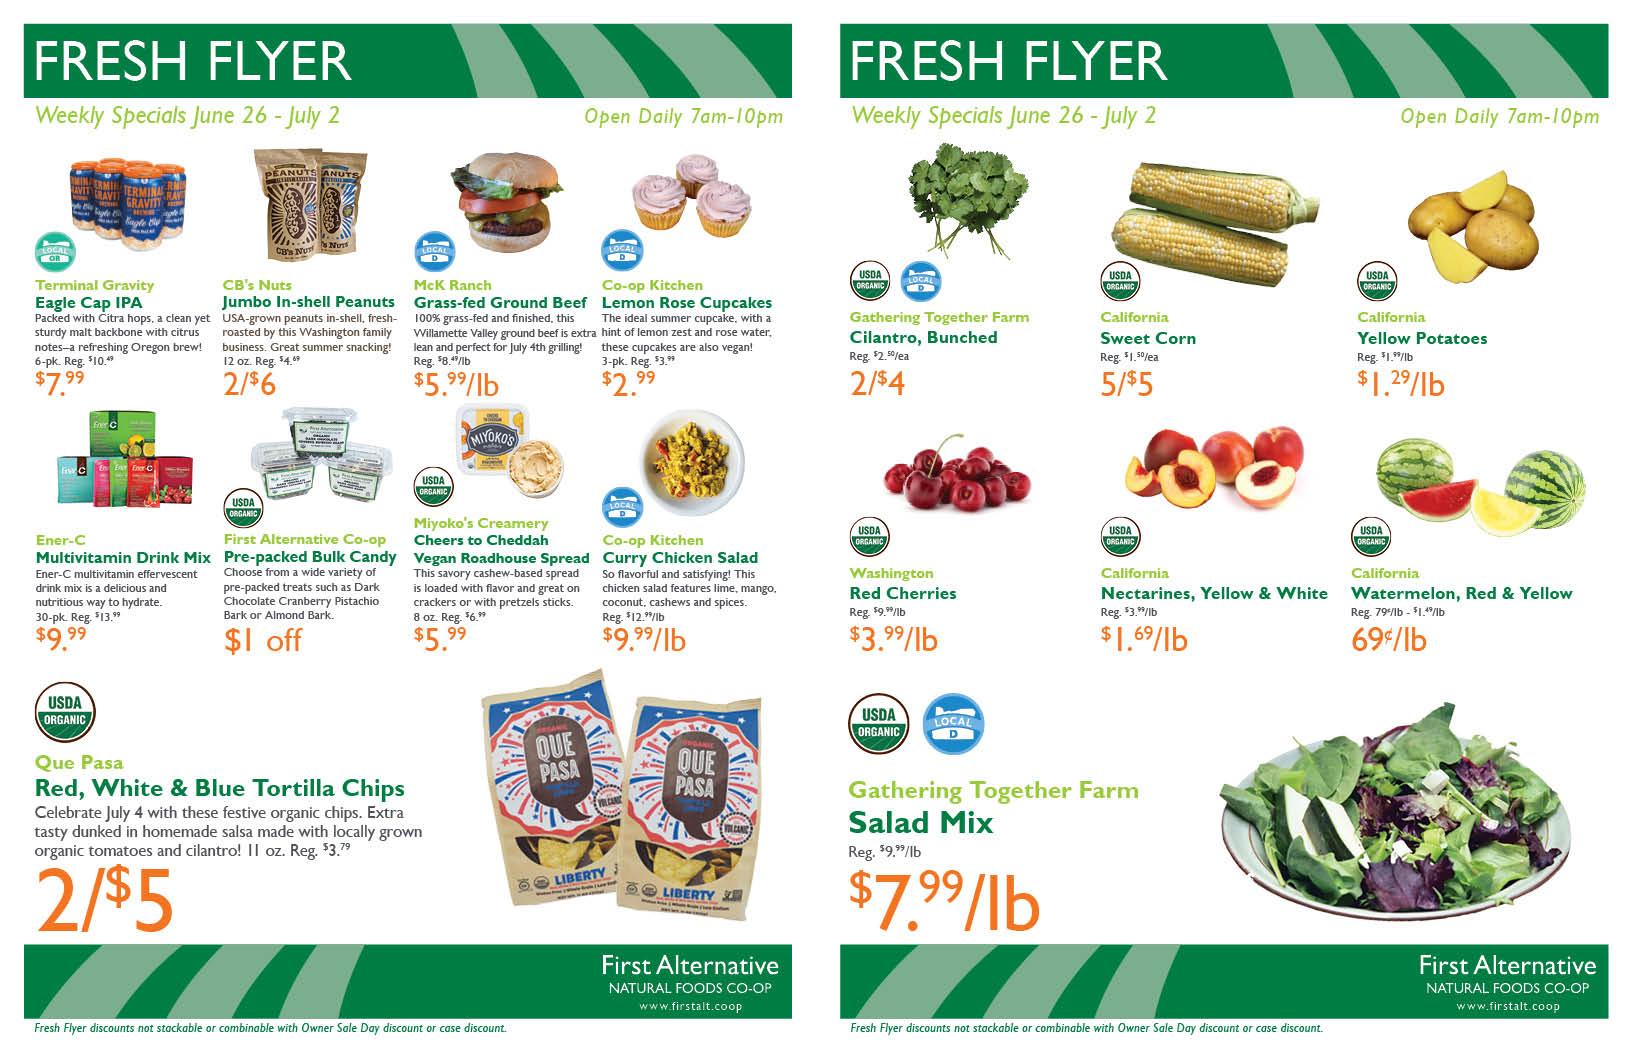 First Alternative Co-op Fresh Flyer June 26-July 2